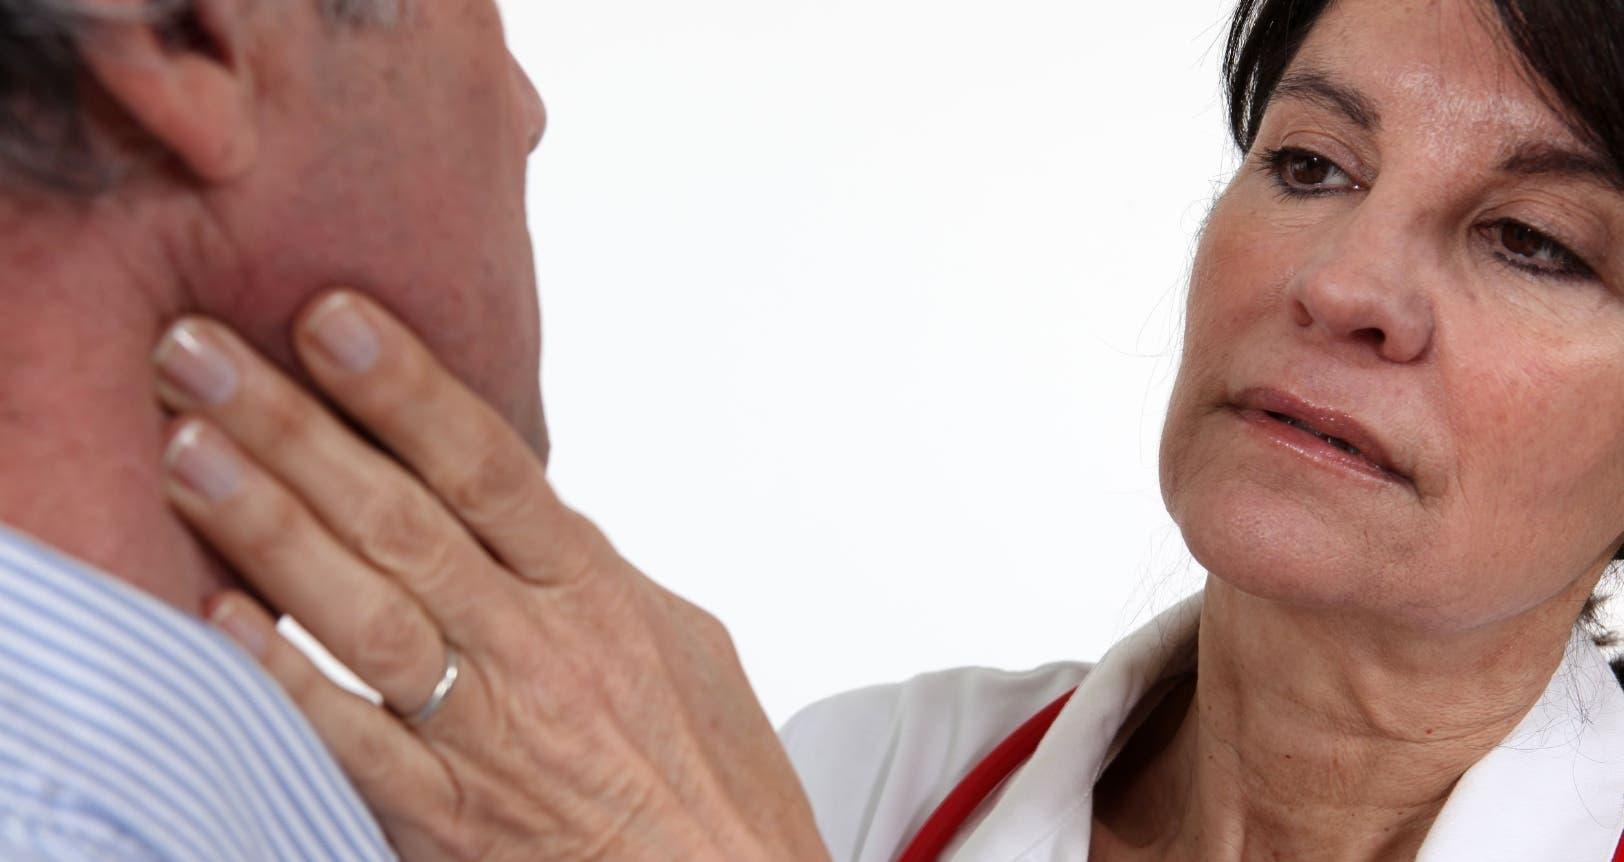 Los linfomas pueden aparecer en  ganglios del cuello, amígdalas, regiones inguinales,  bazo, hígado y  médula ósea, entre otros lugares.